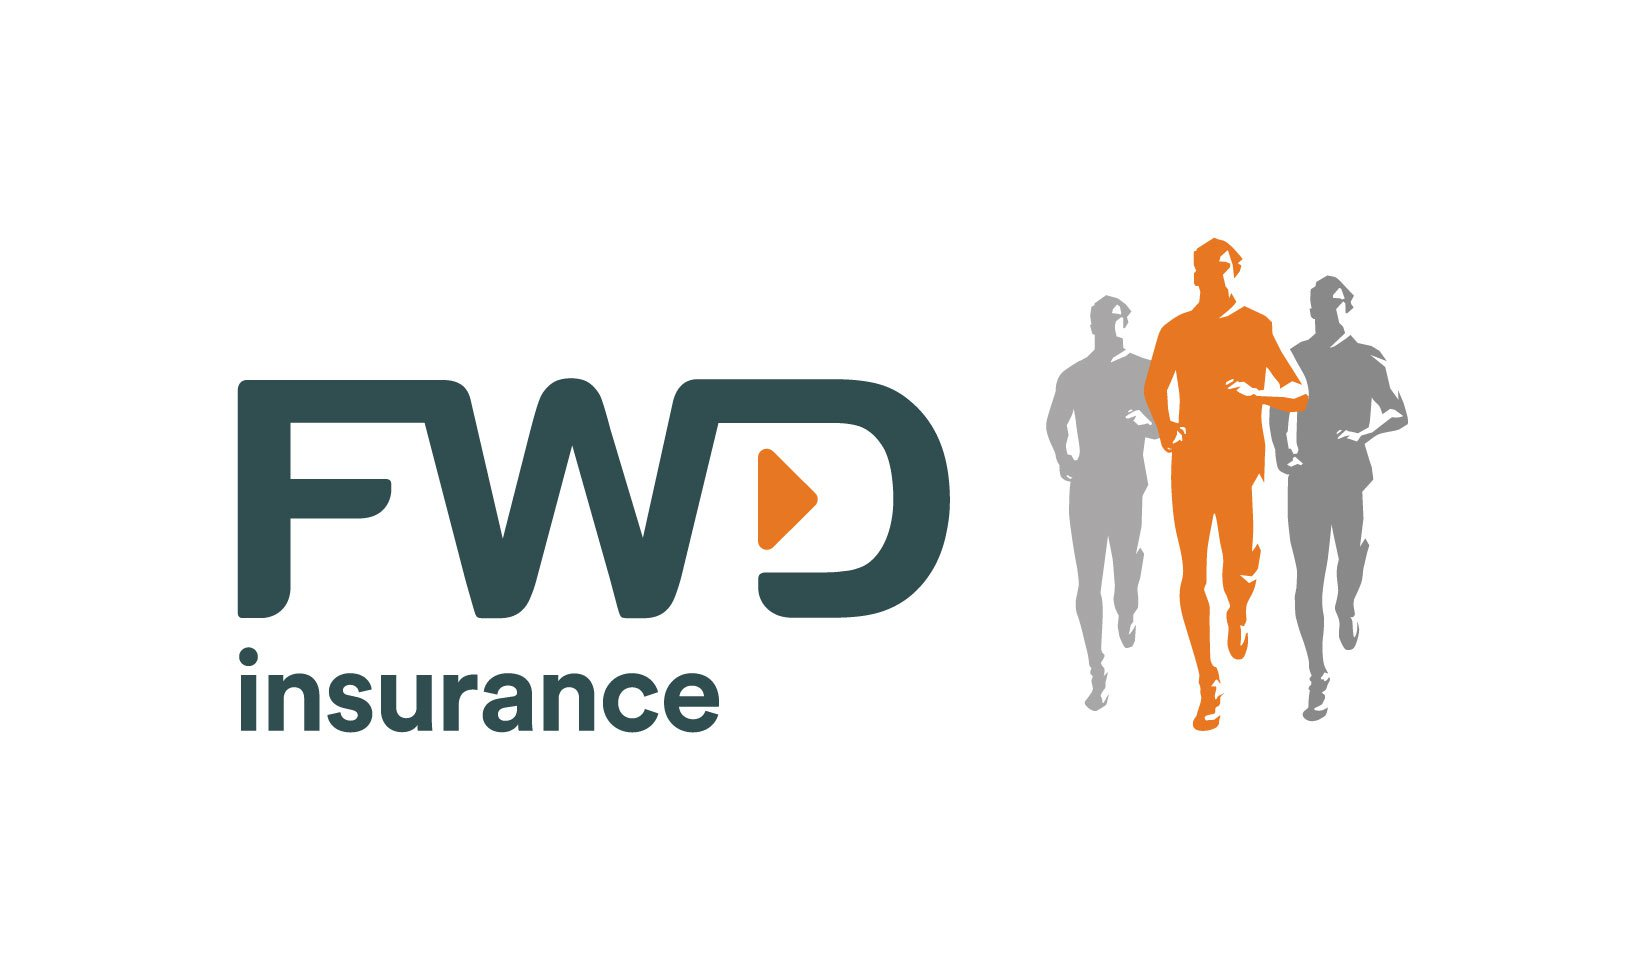 Asuransi FWD dan Produk Asuransi yang Ditawarkannya